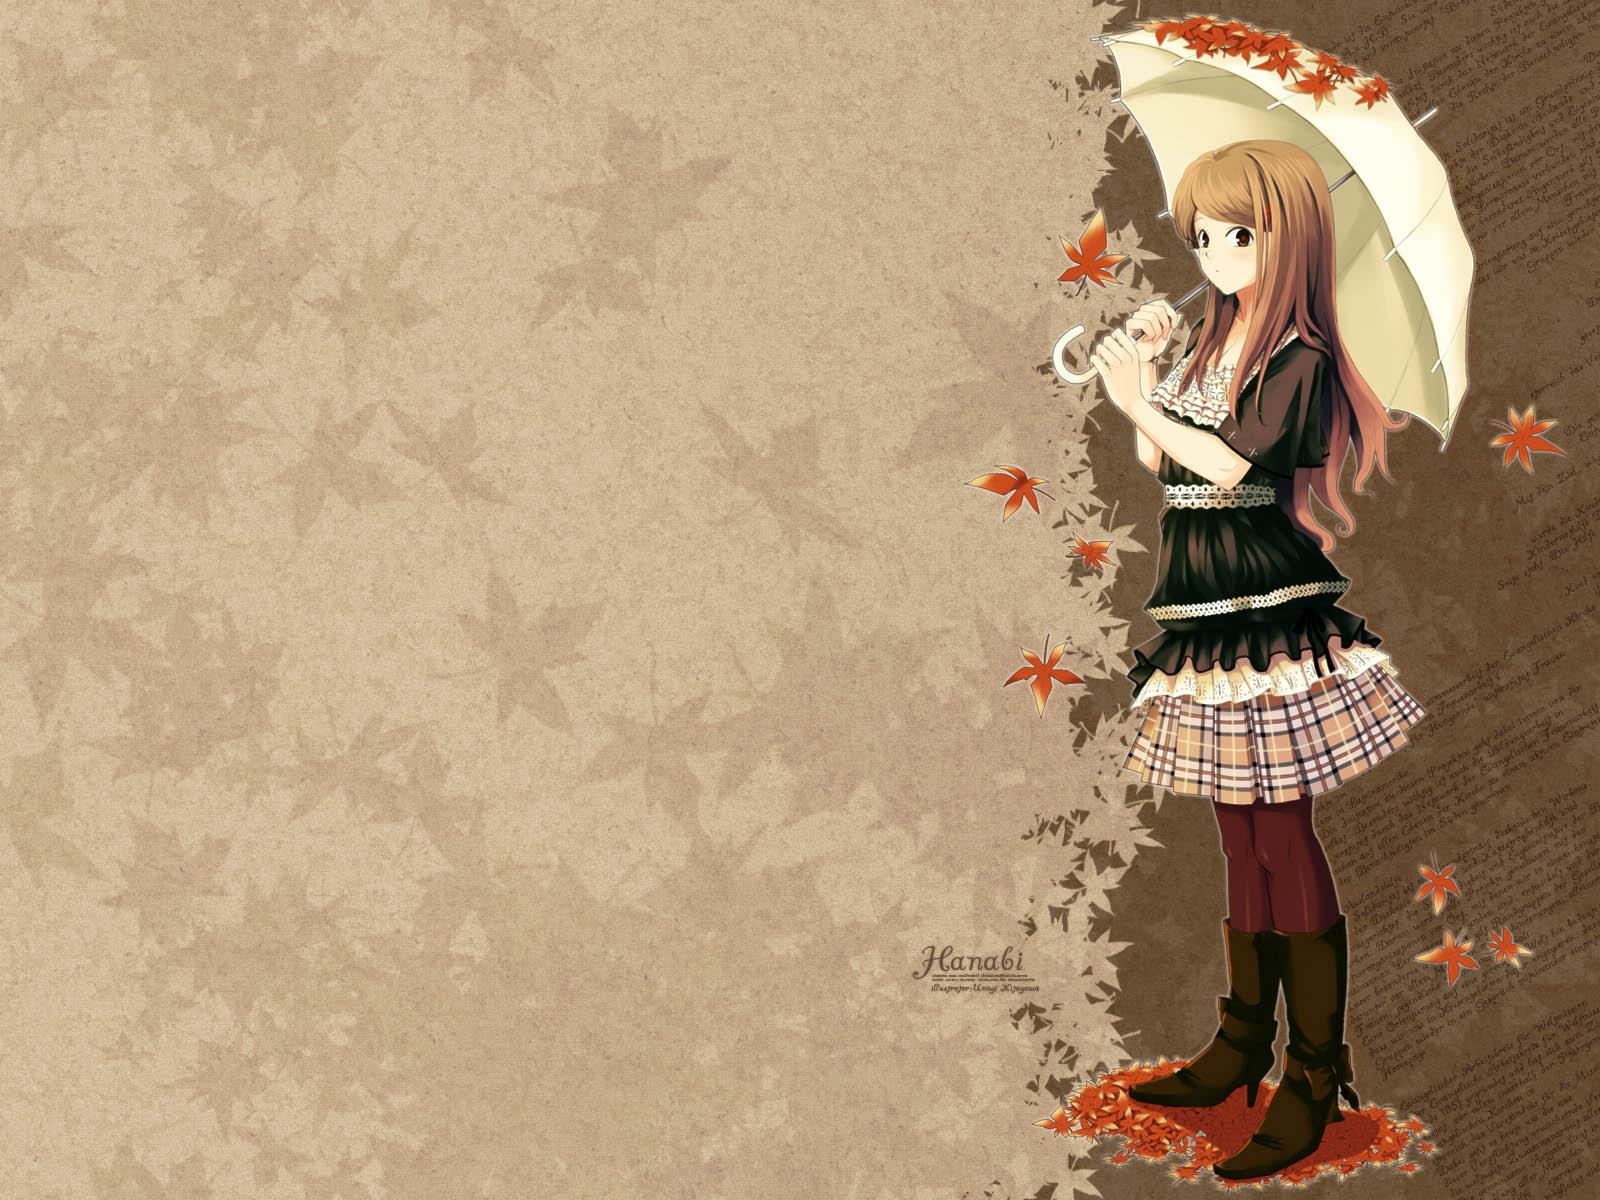 Похожие темы картинки аниме девочки красивые и красивые картинки